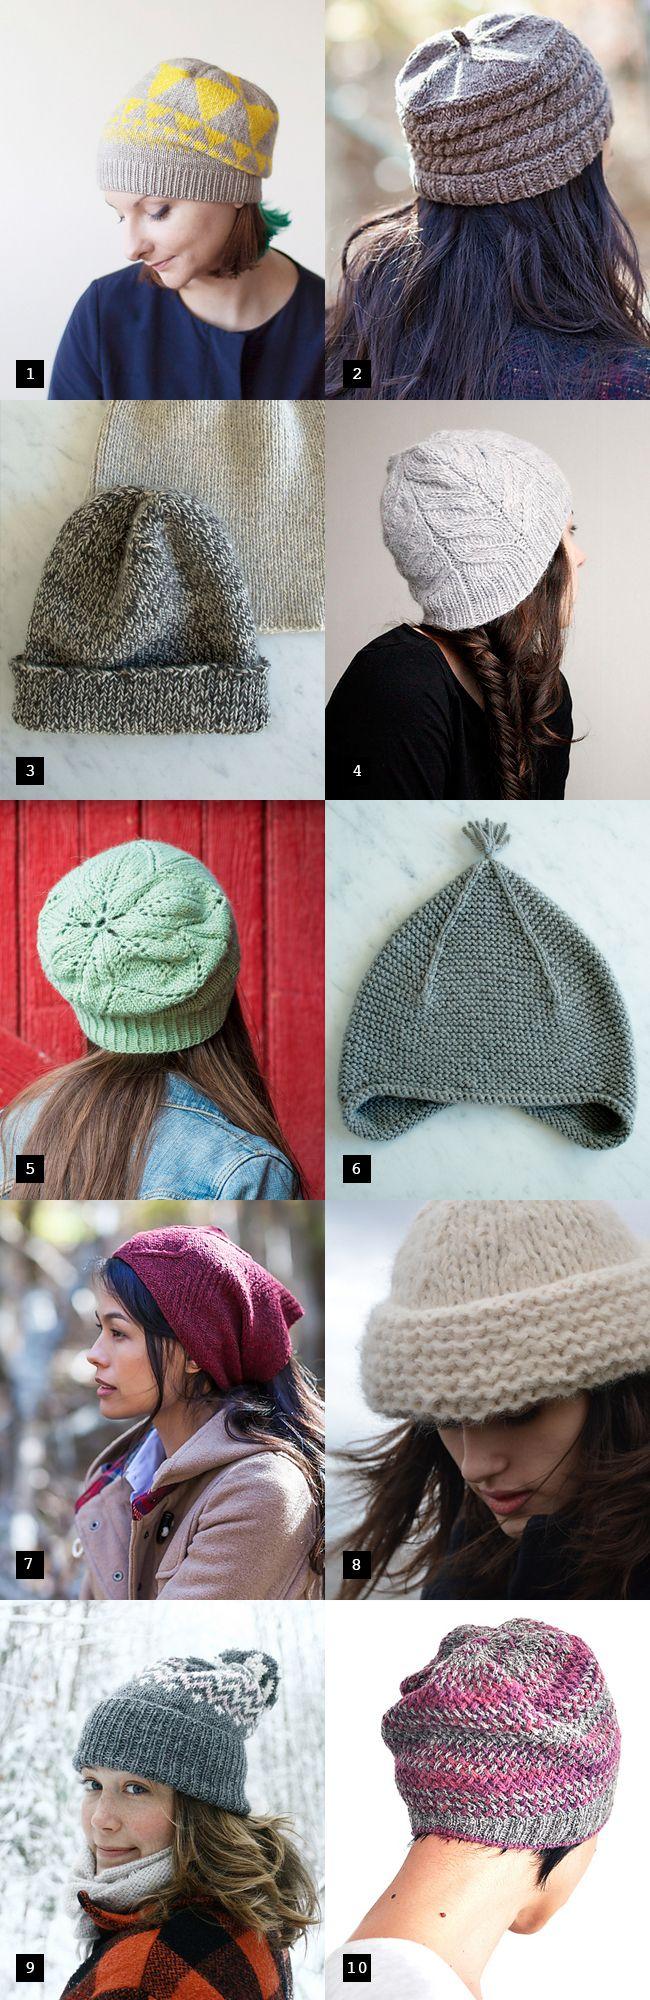 Best new hat patterns